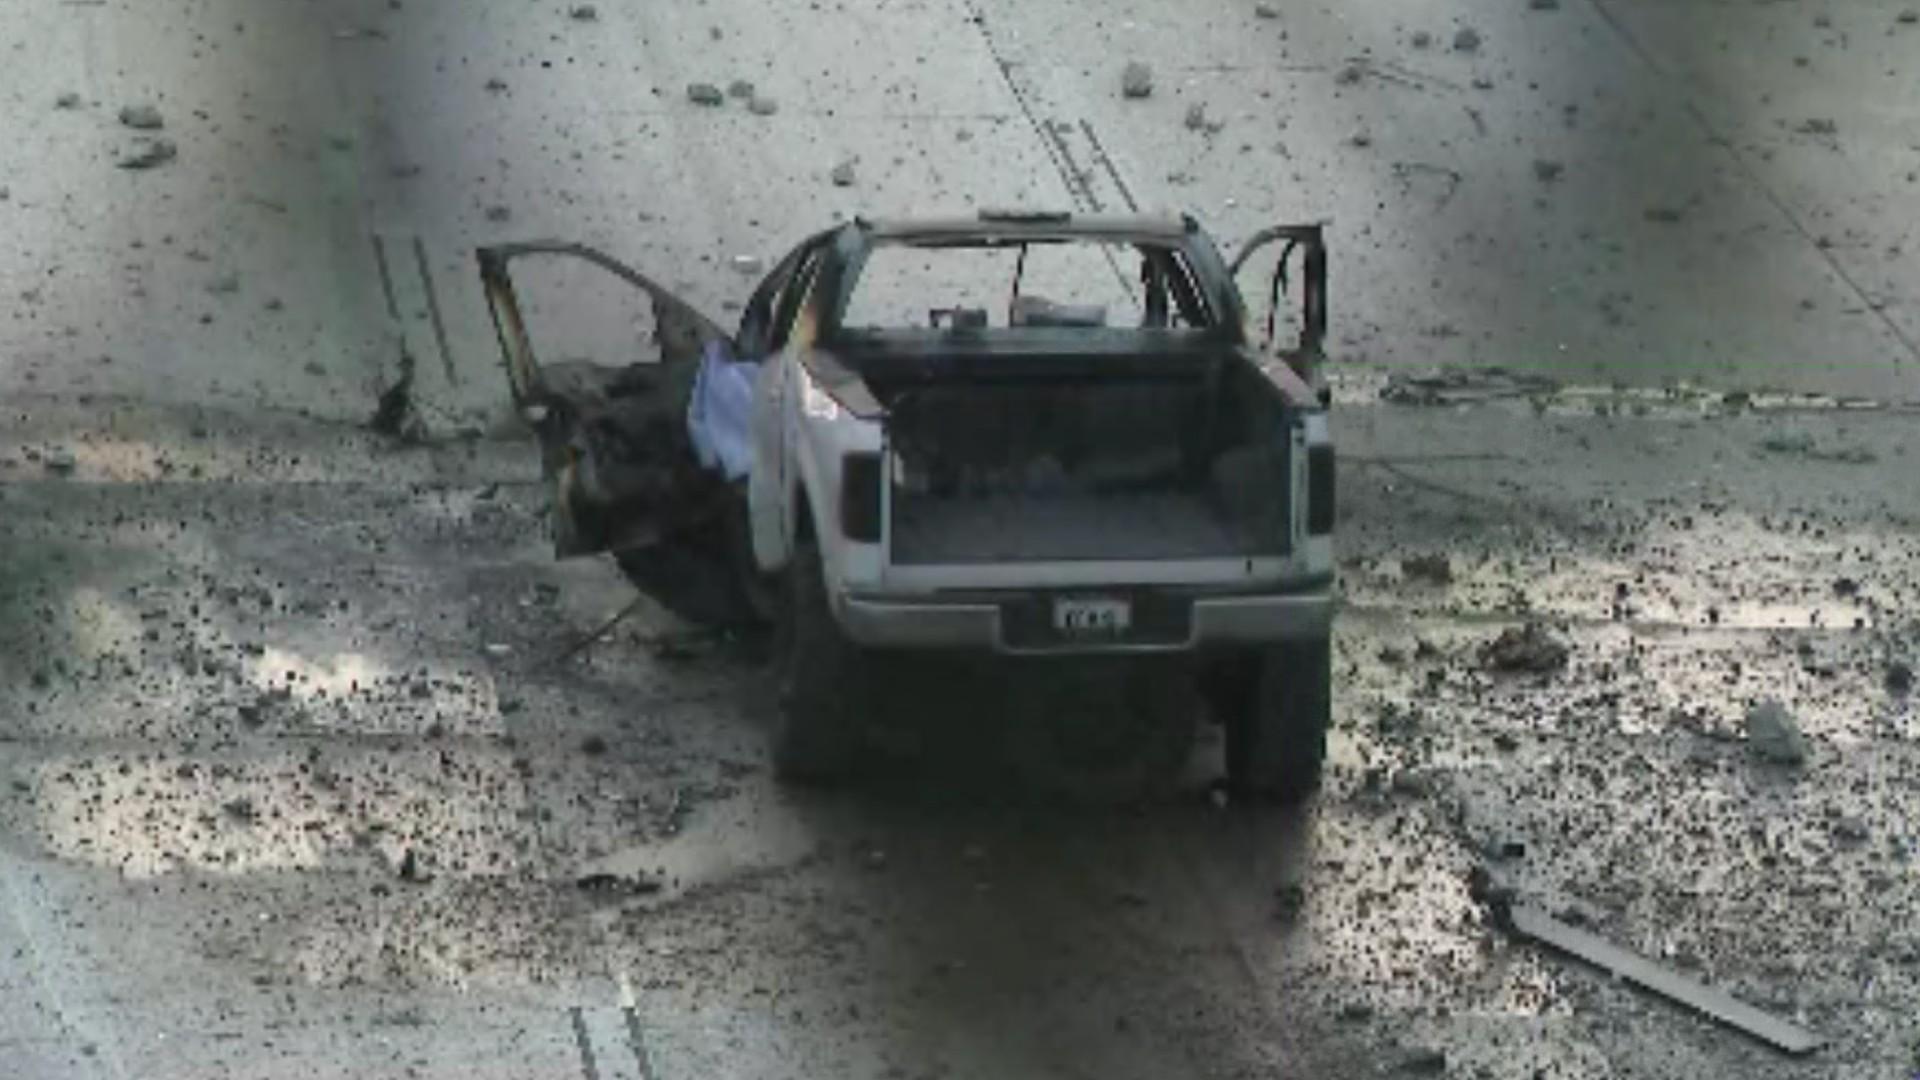 A driver was killed in a fiery crash in Fontana on June 29, 2021. (KTLA)